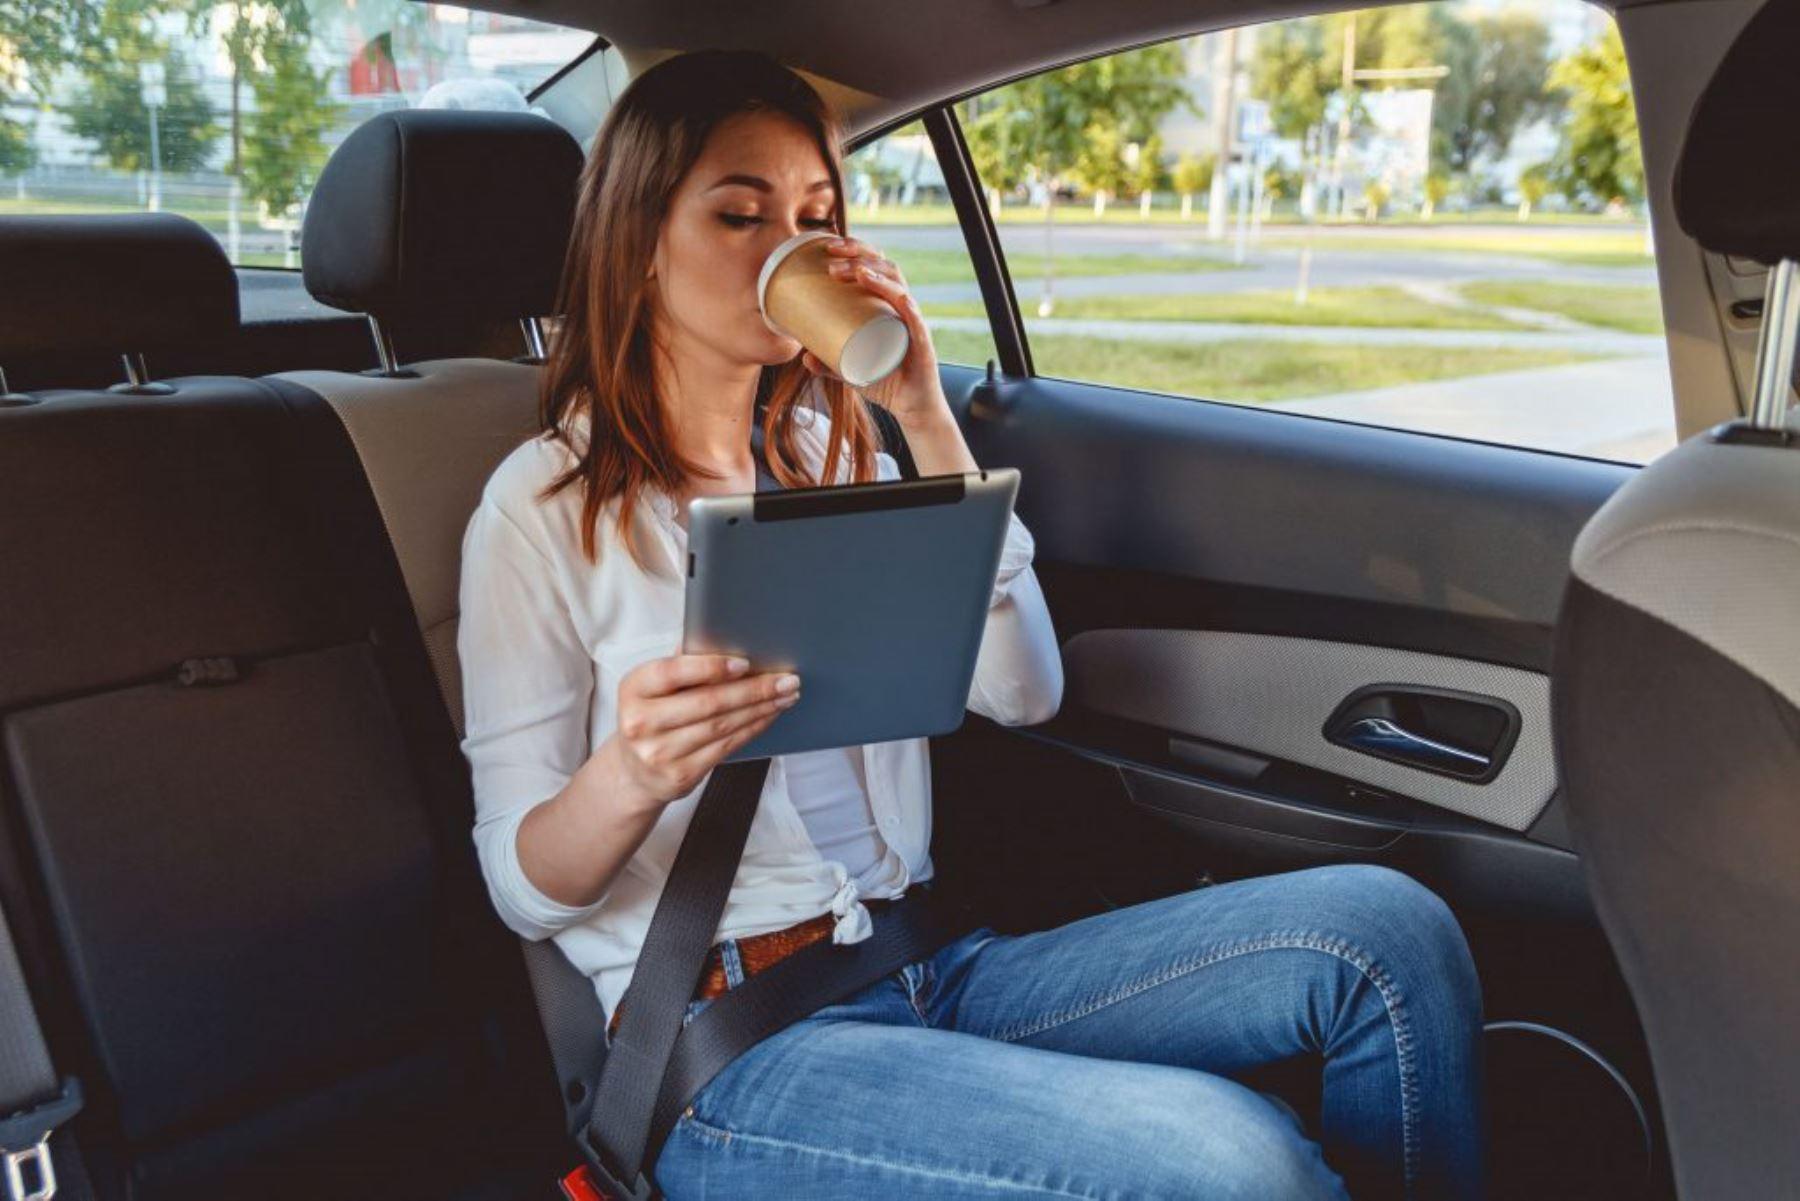 Usar cinturón de seguridad en los asientos posteriores de un vehículo puede ser la diferencia entre la vida y la muerte. Foto: Internet/medios.